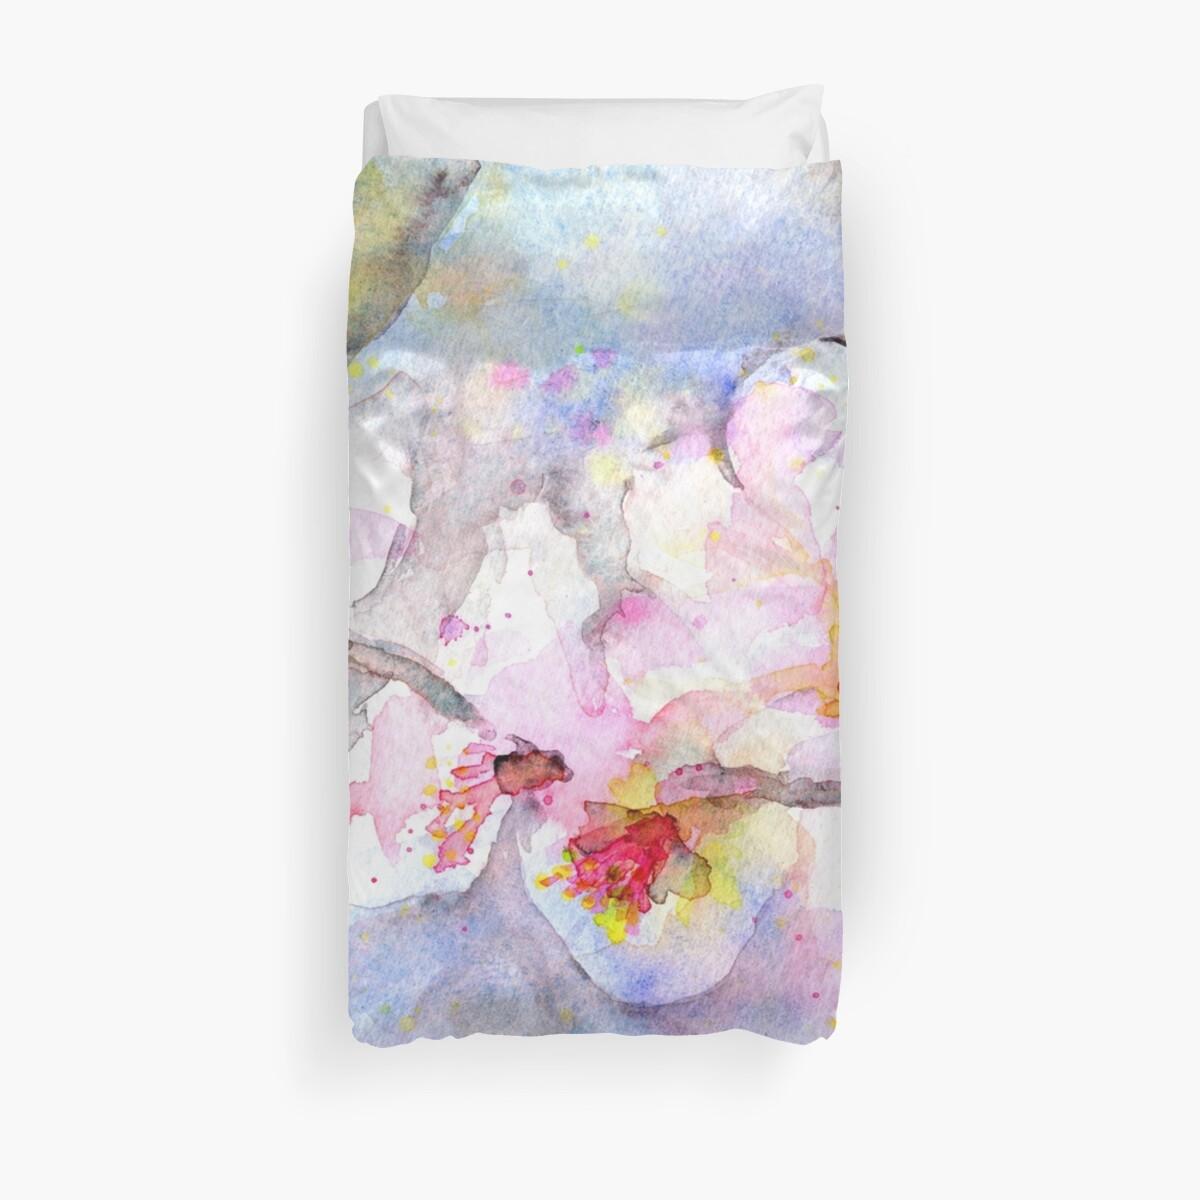 Kirschblüte im Aquarell von AuroraLandgraf